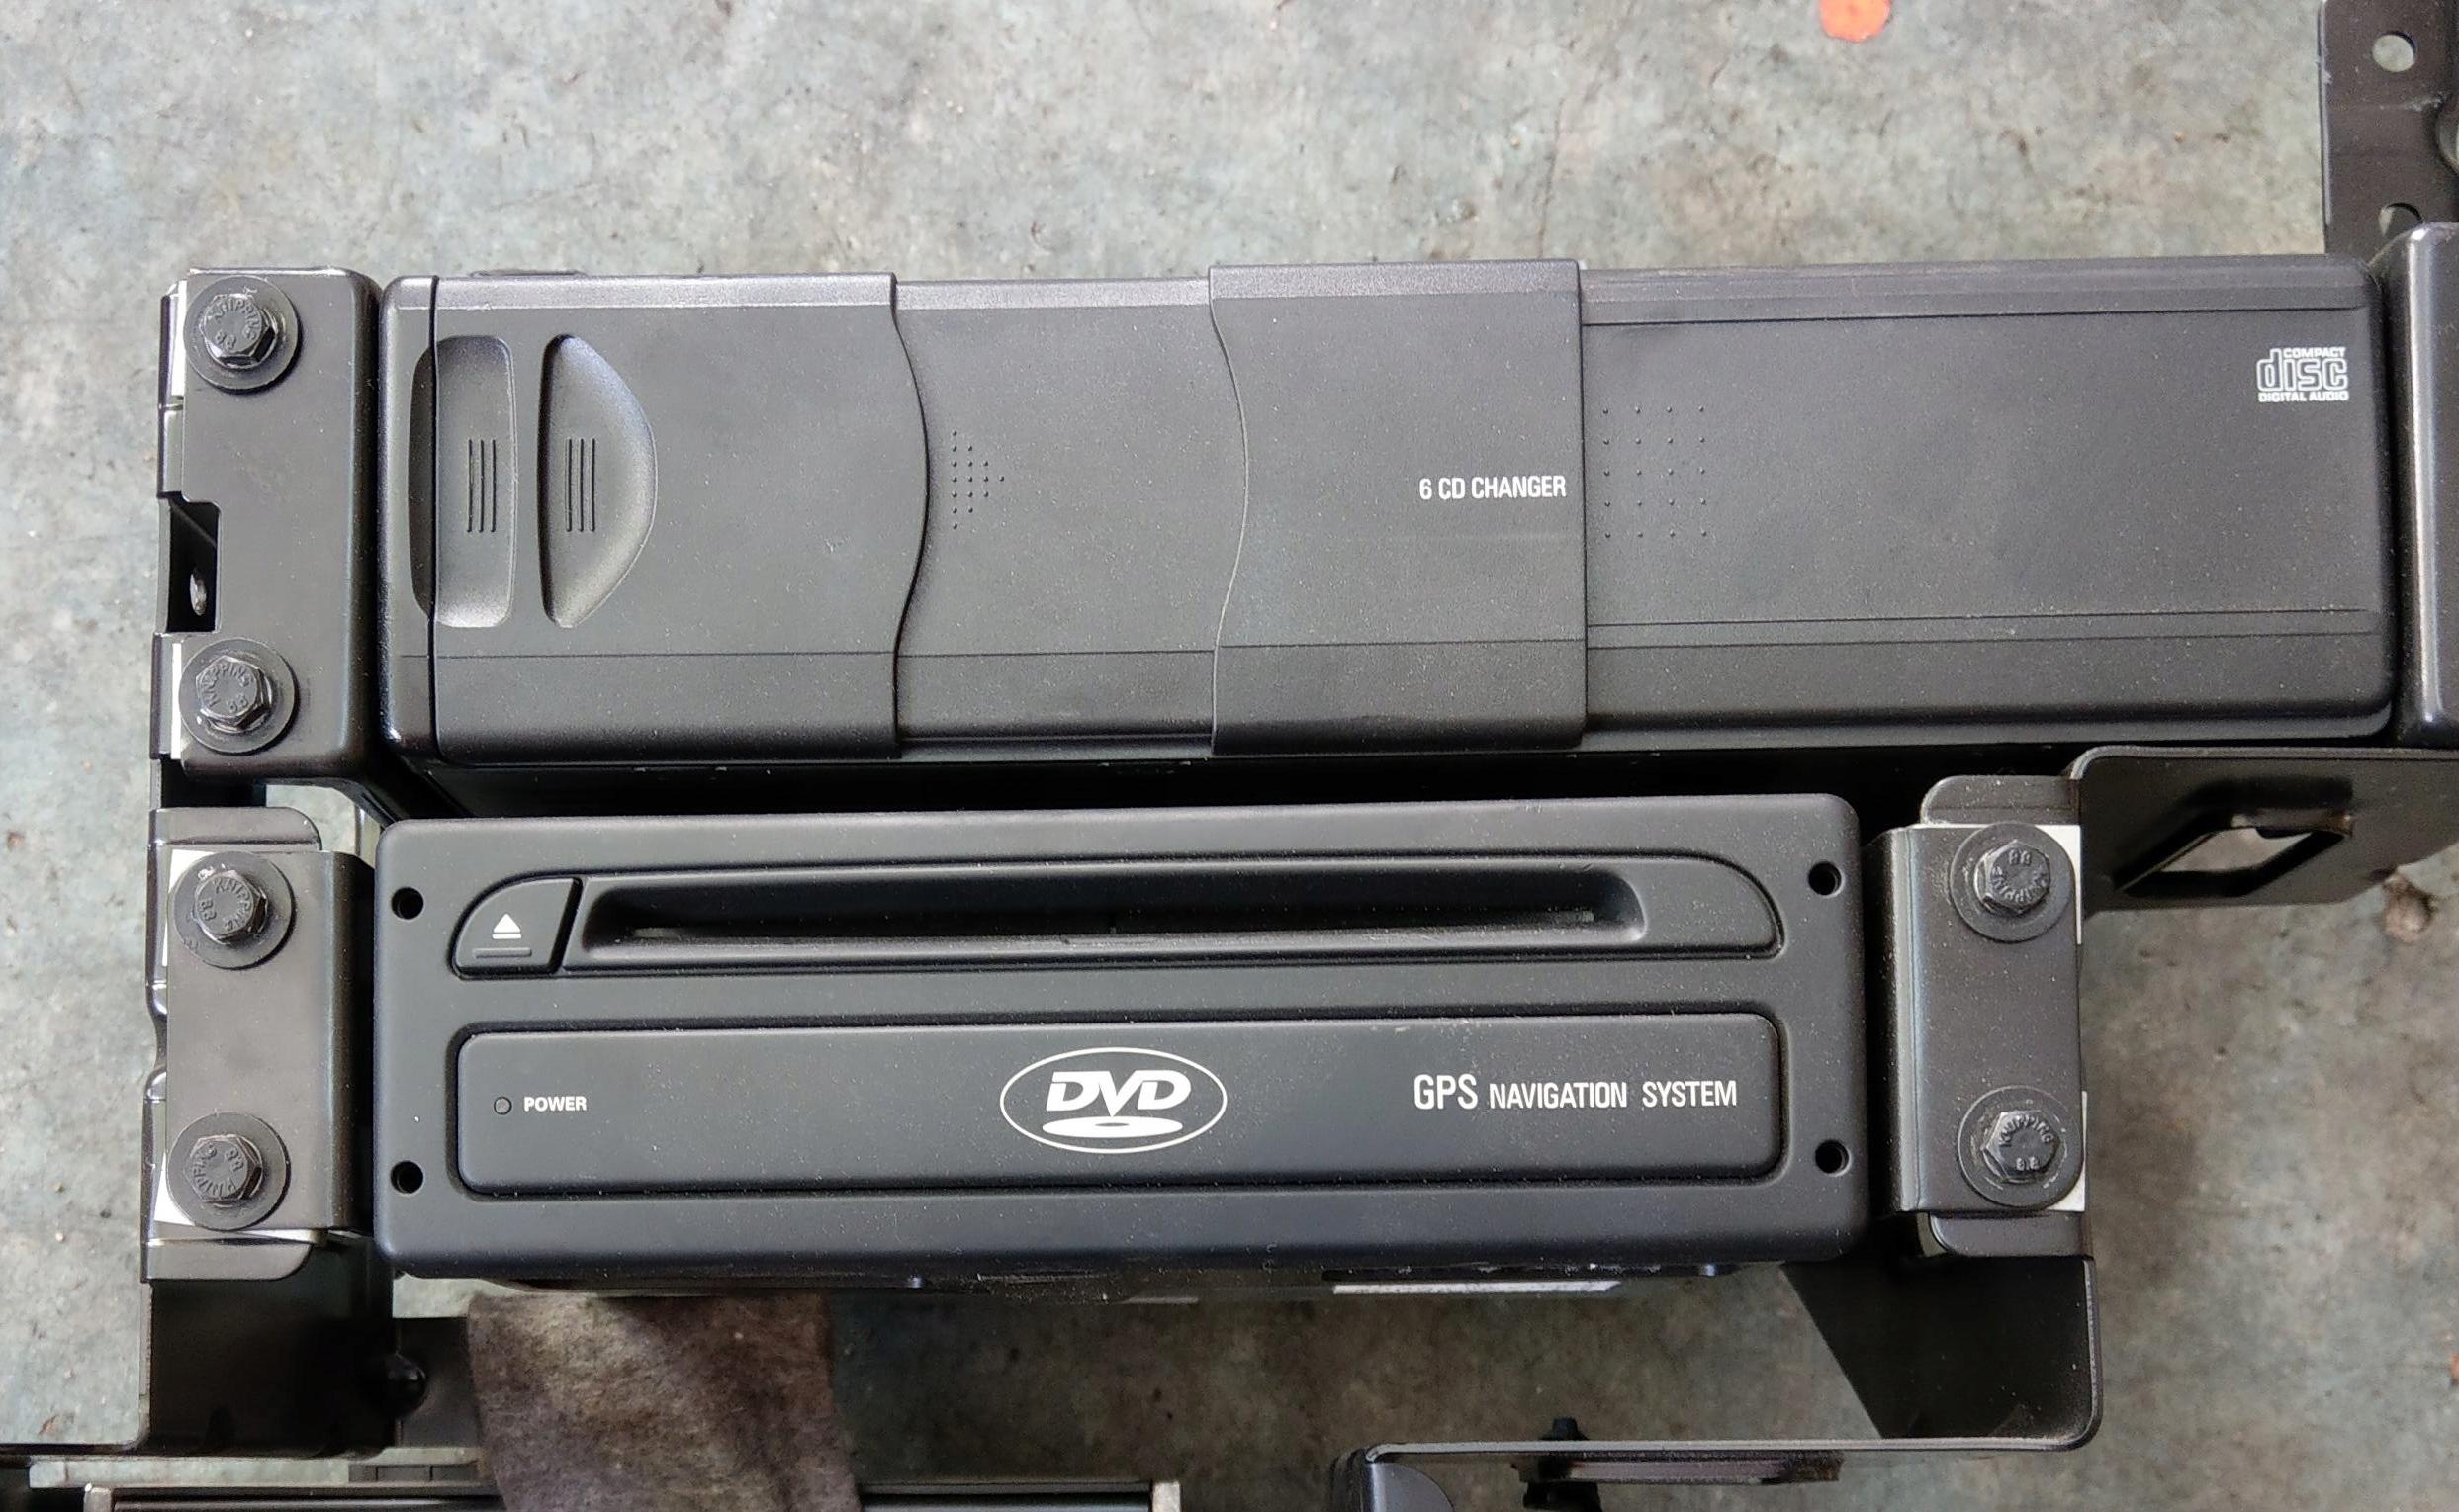 NAWIGACJA CZYTNIK MK4 BMW DVD E46 E53 E83 X5 X3